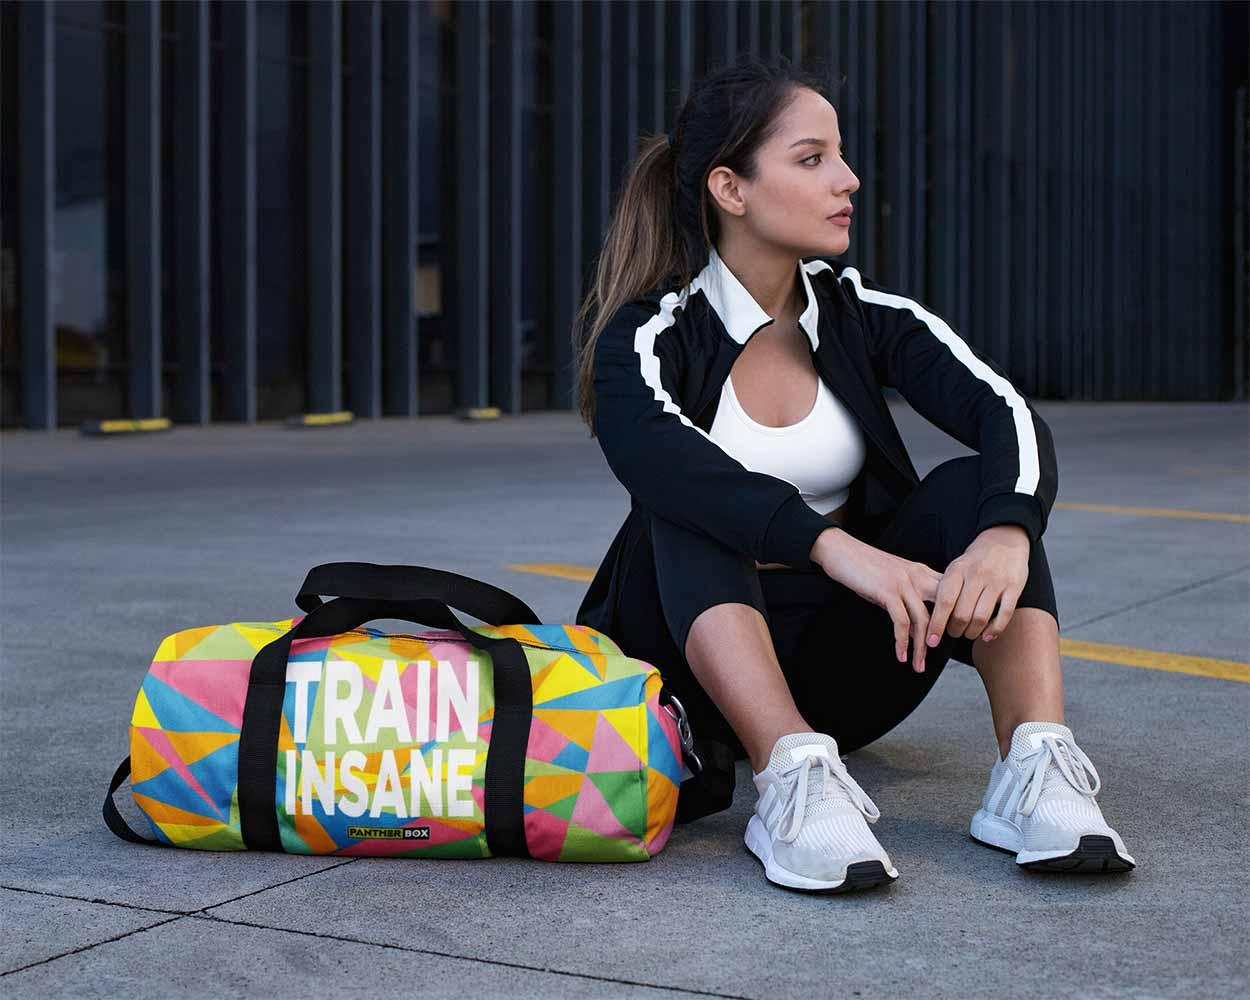 Mujer joven en ropa deportiva sentado junto a una colorida bolsa de deporte